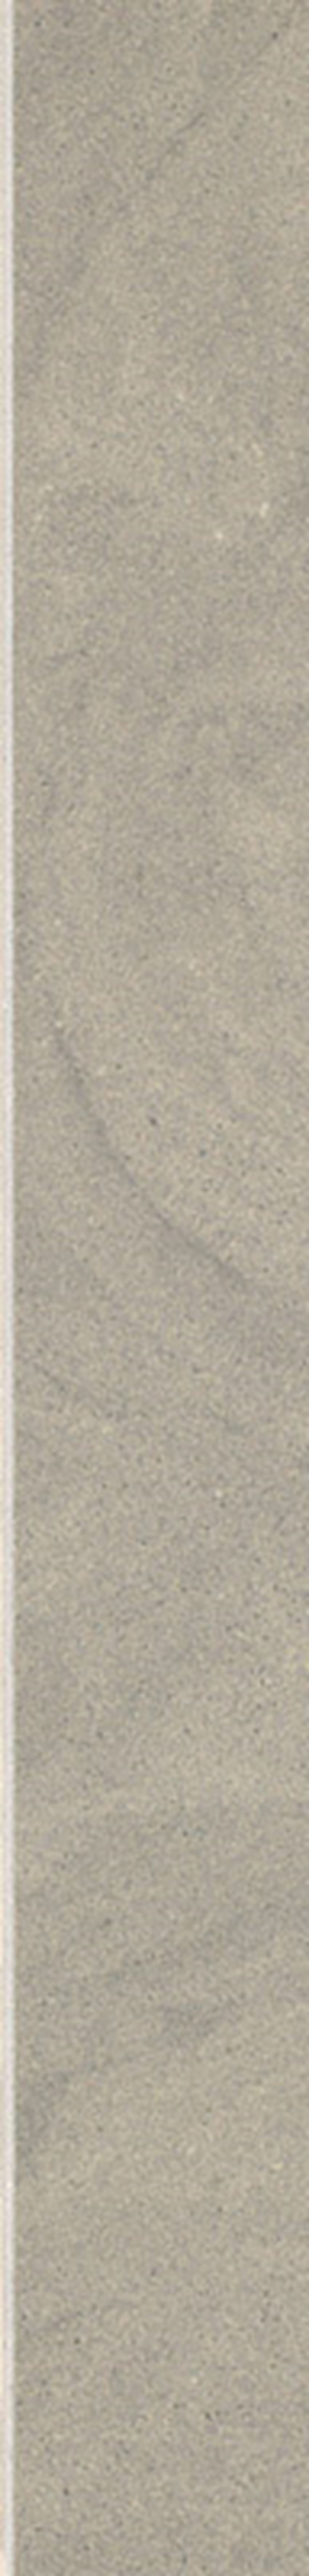 Płytka cokołowa 7,2x59,8 cm Paradyż Rockstone Antracite Cokół Mat